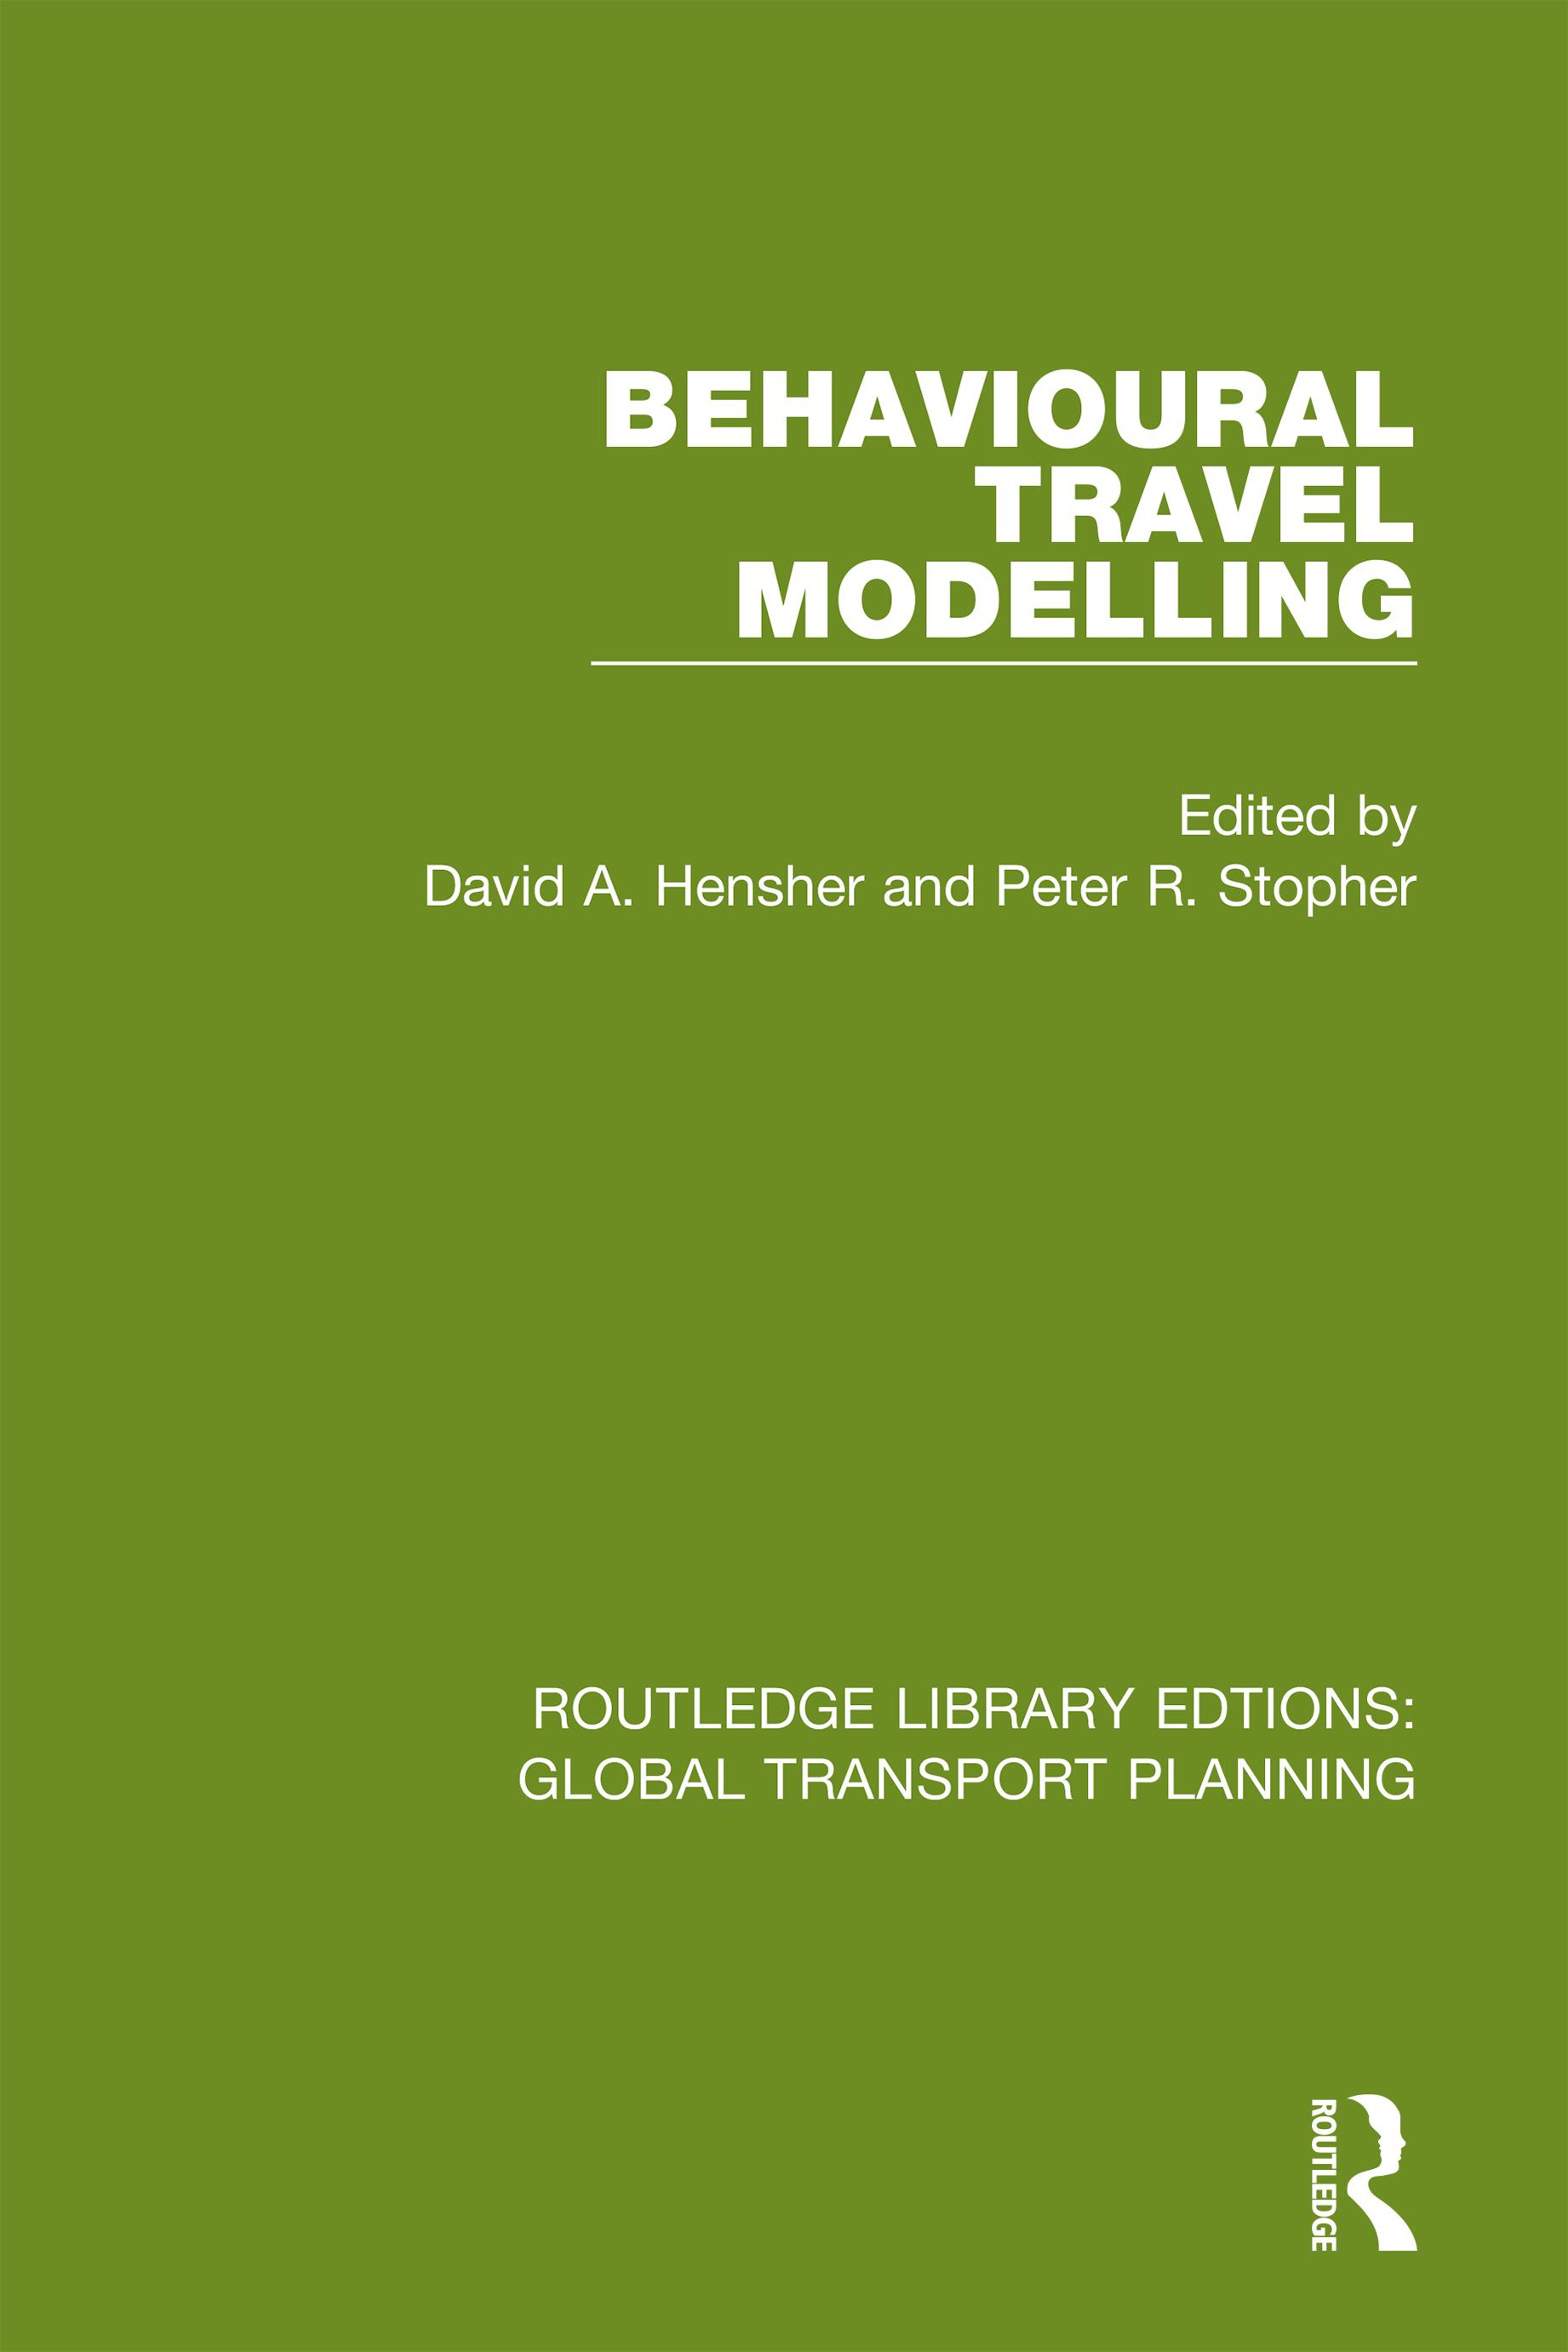 Behavioural Travel Modelling